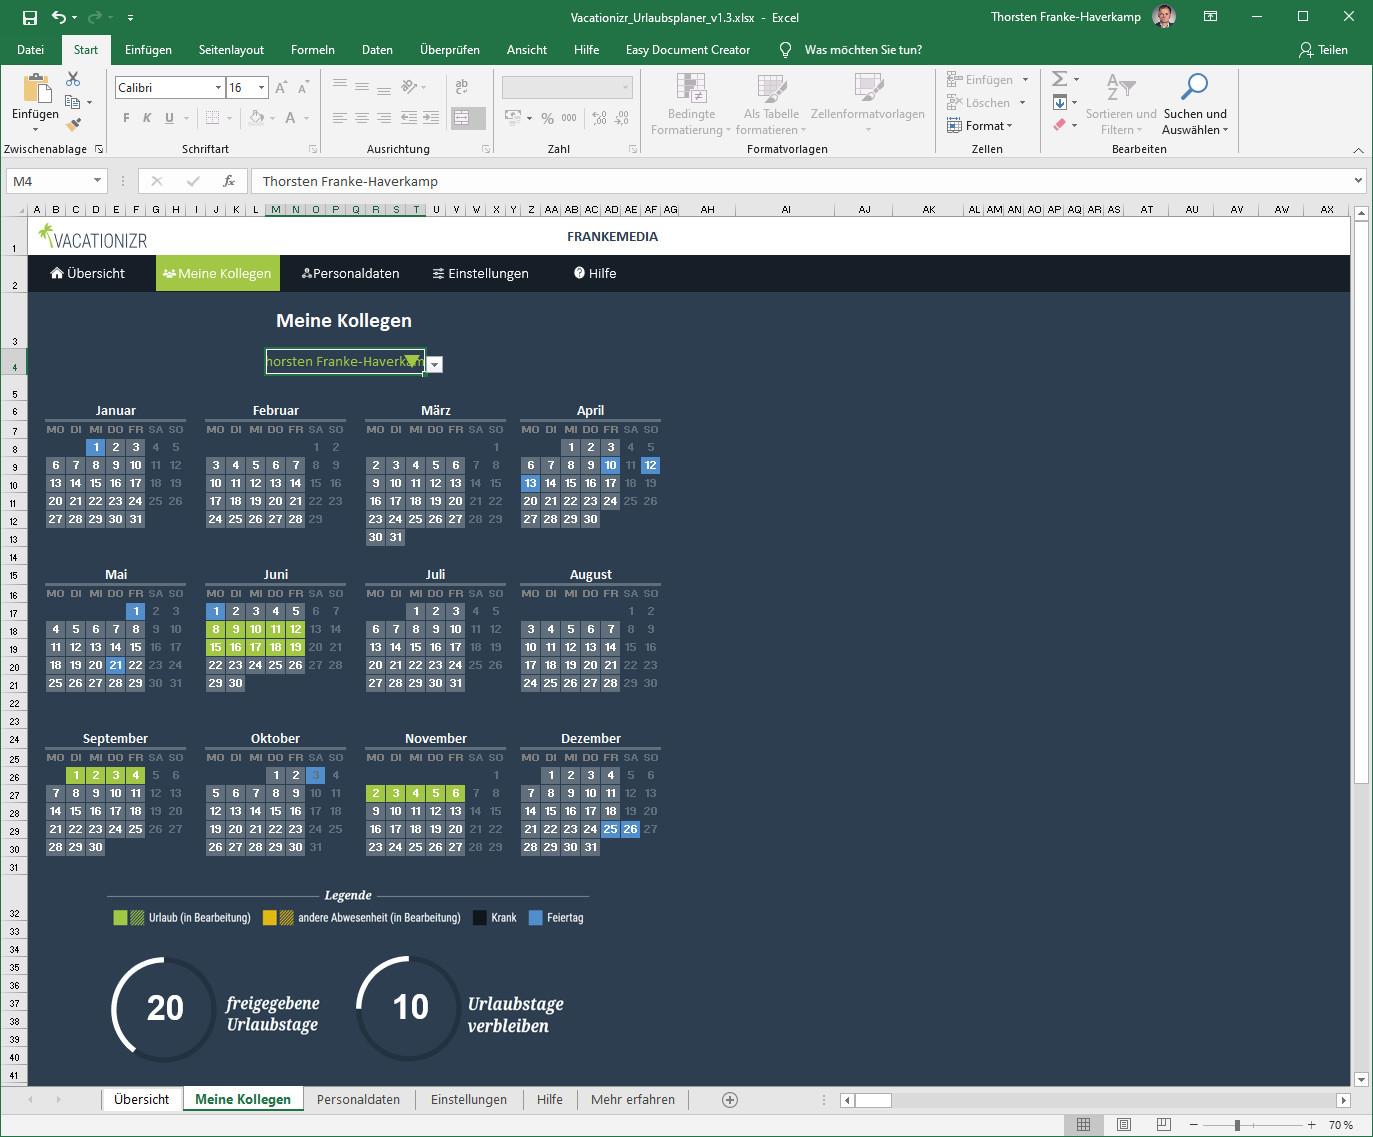 Screenshot 1 - Vacationizr: Urlaubsplaner für Excel